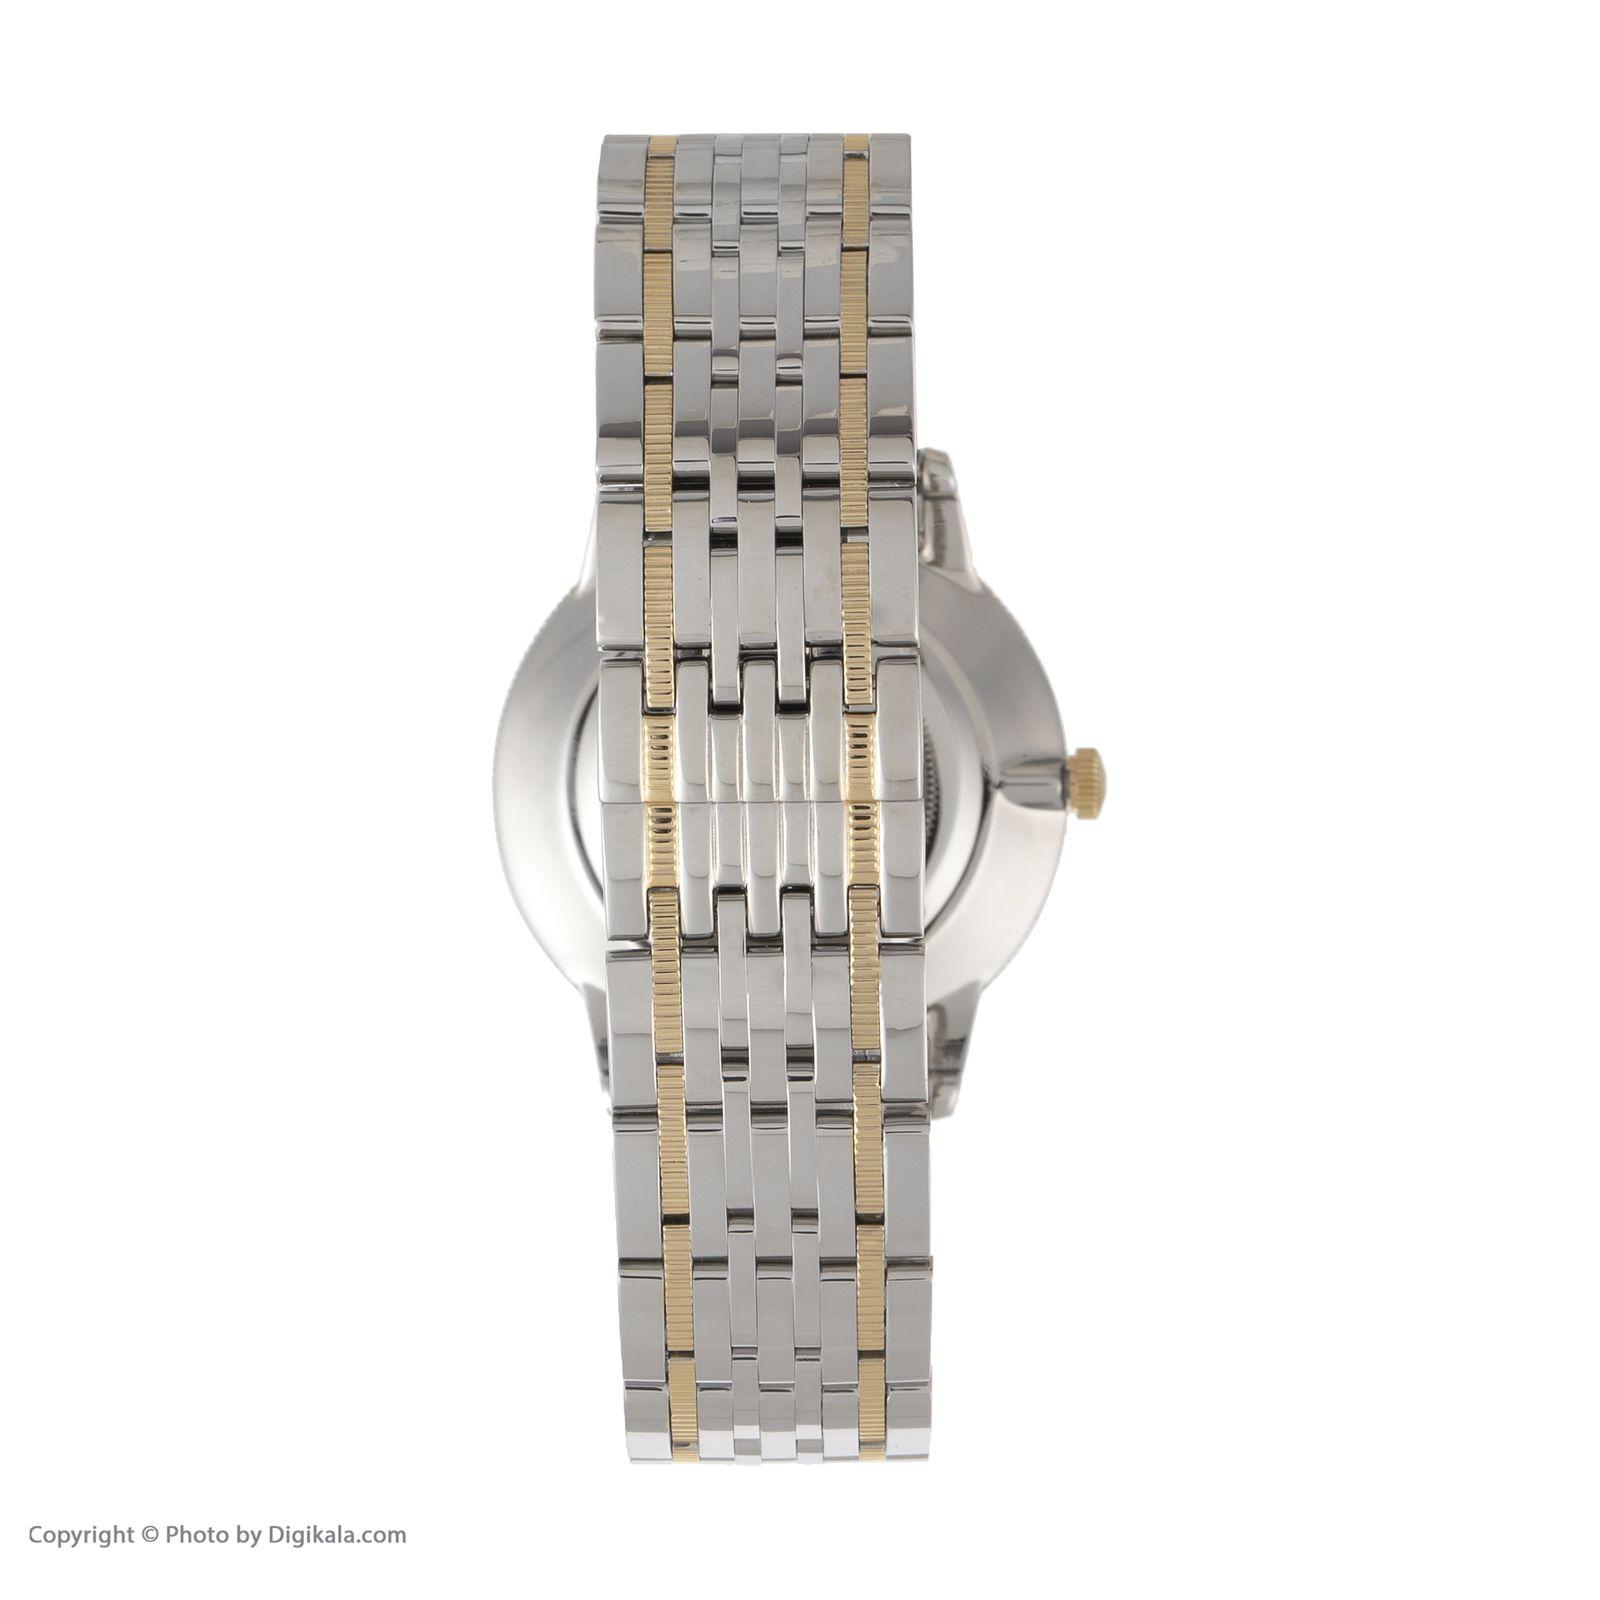 ساعت مچی عقربه ای مردانه کنتیننتال مدل 15201-GT312130 -  - 2